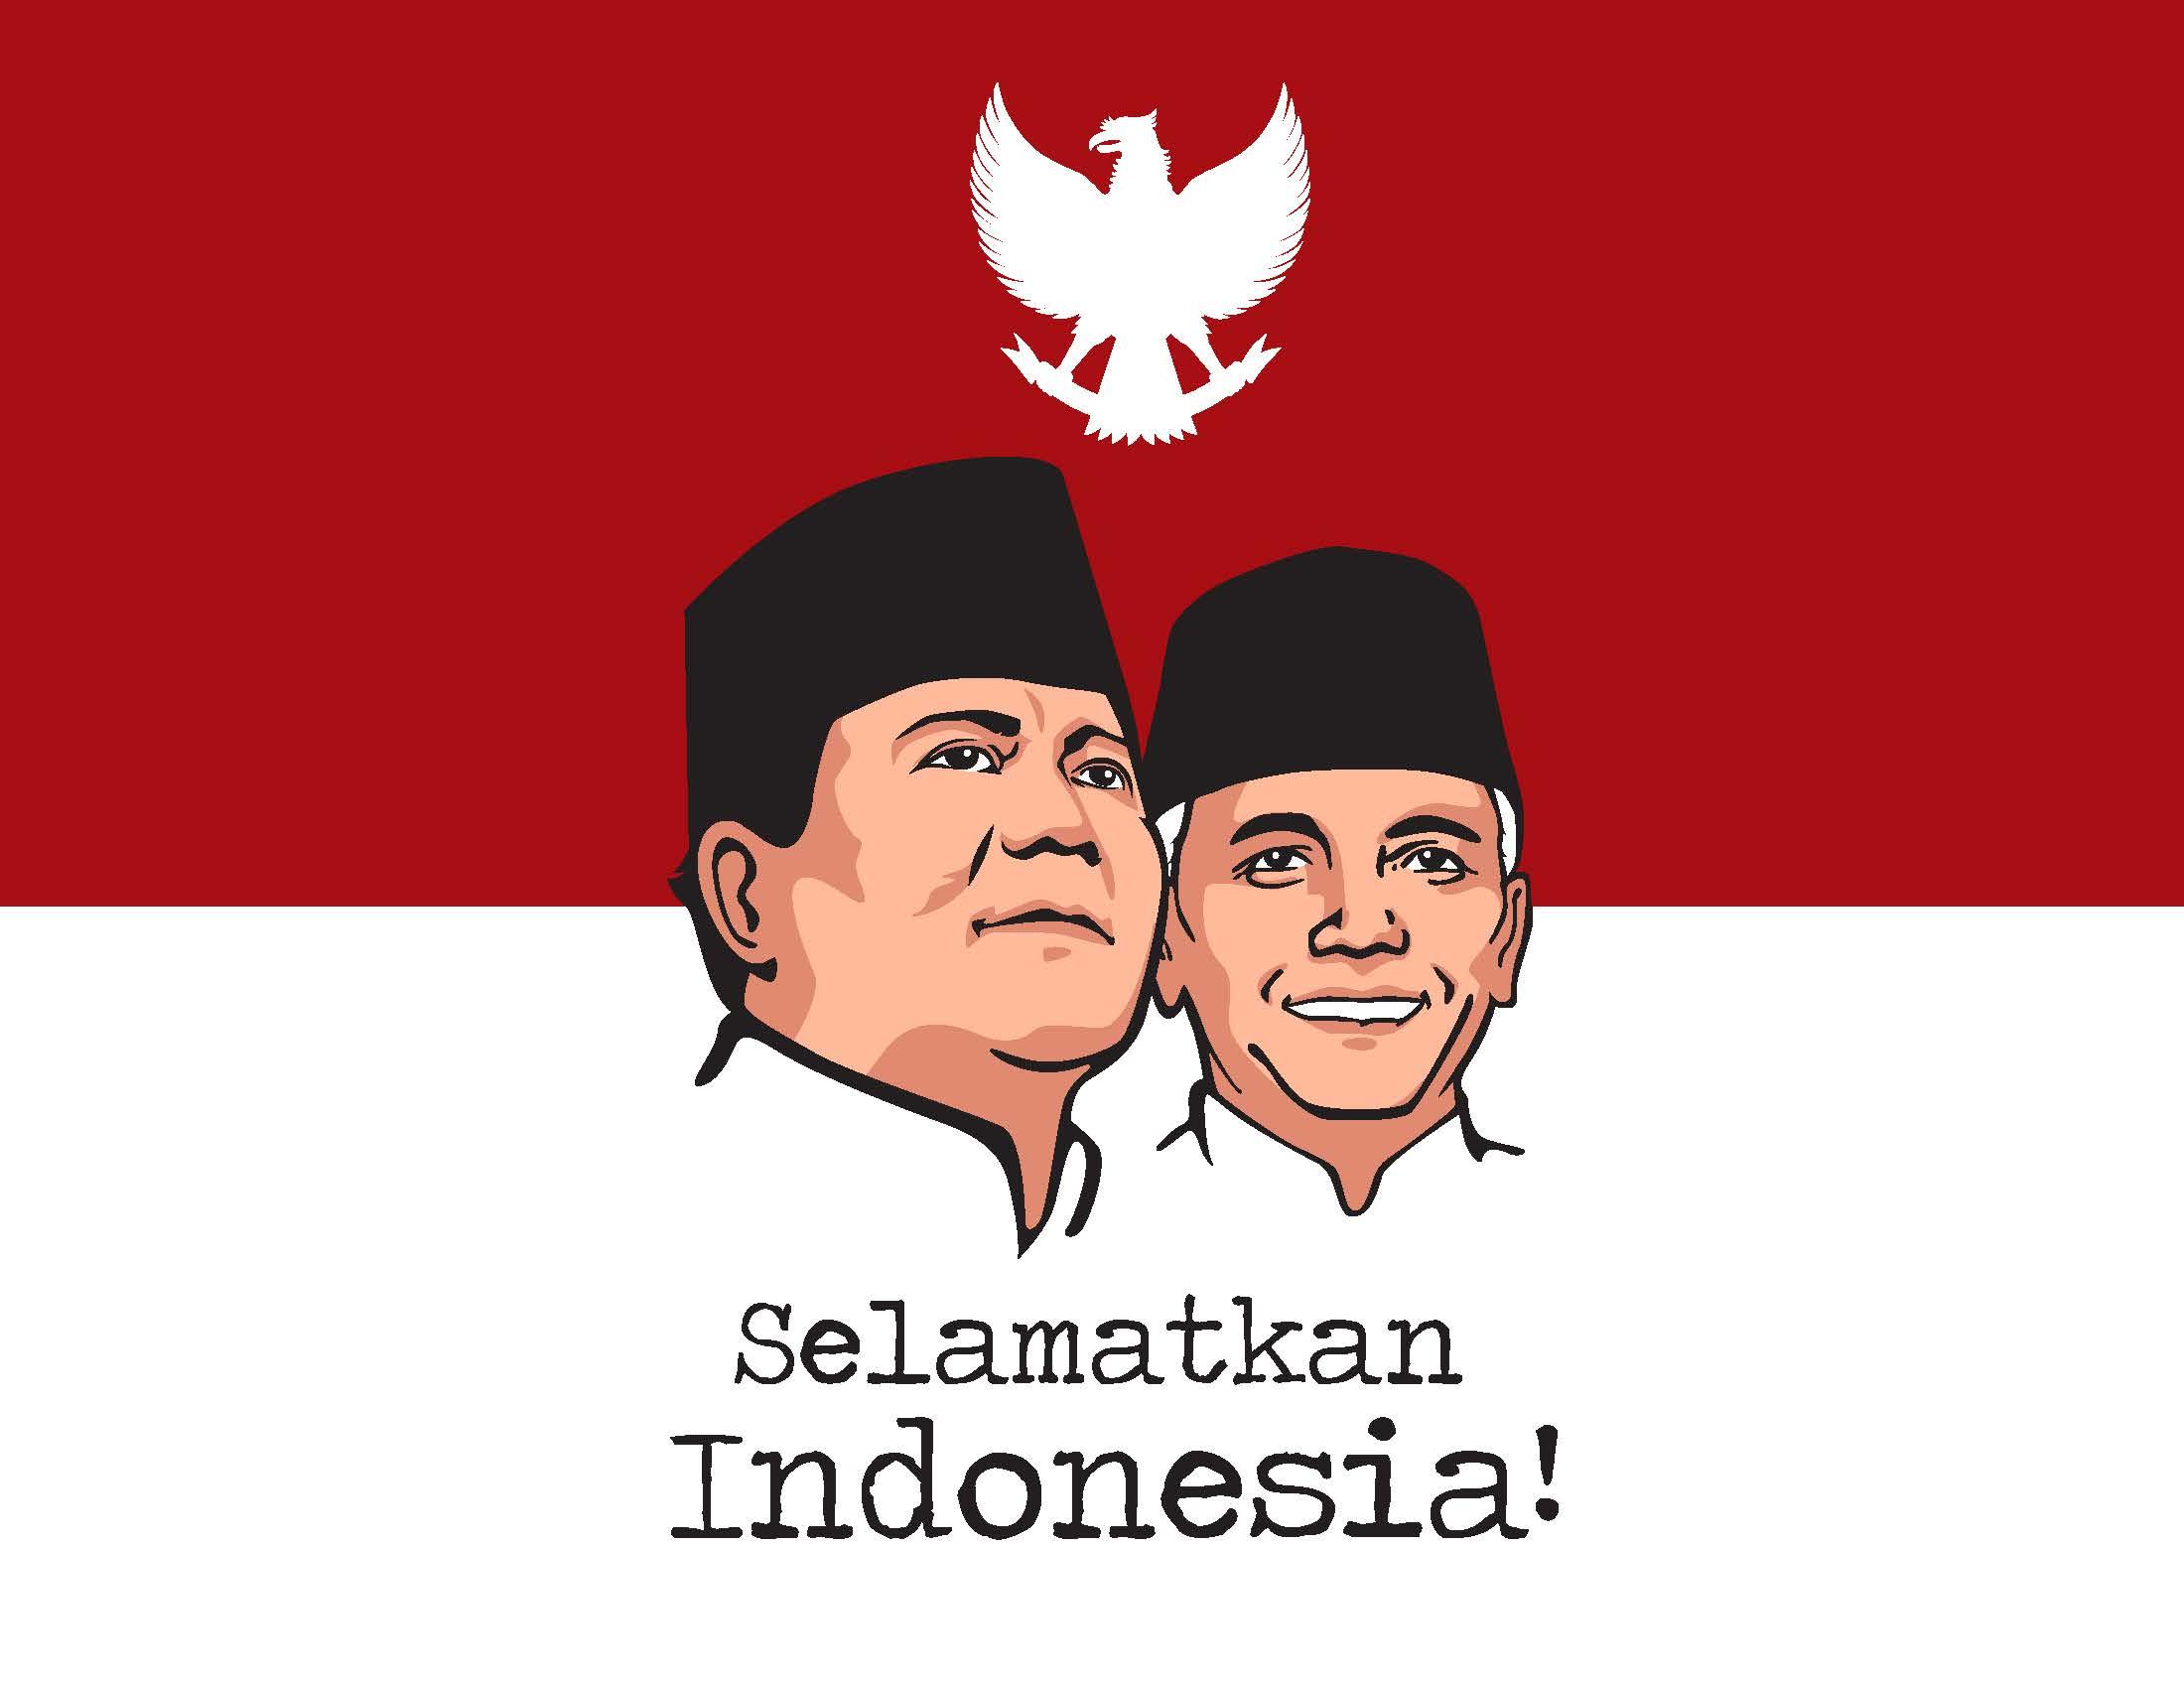 Dukung Prabowo-Hatta untuk Presiden Indonesia 2014